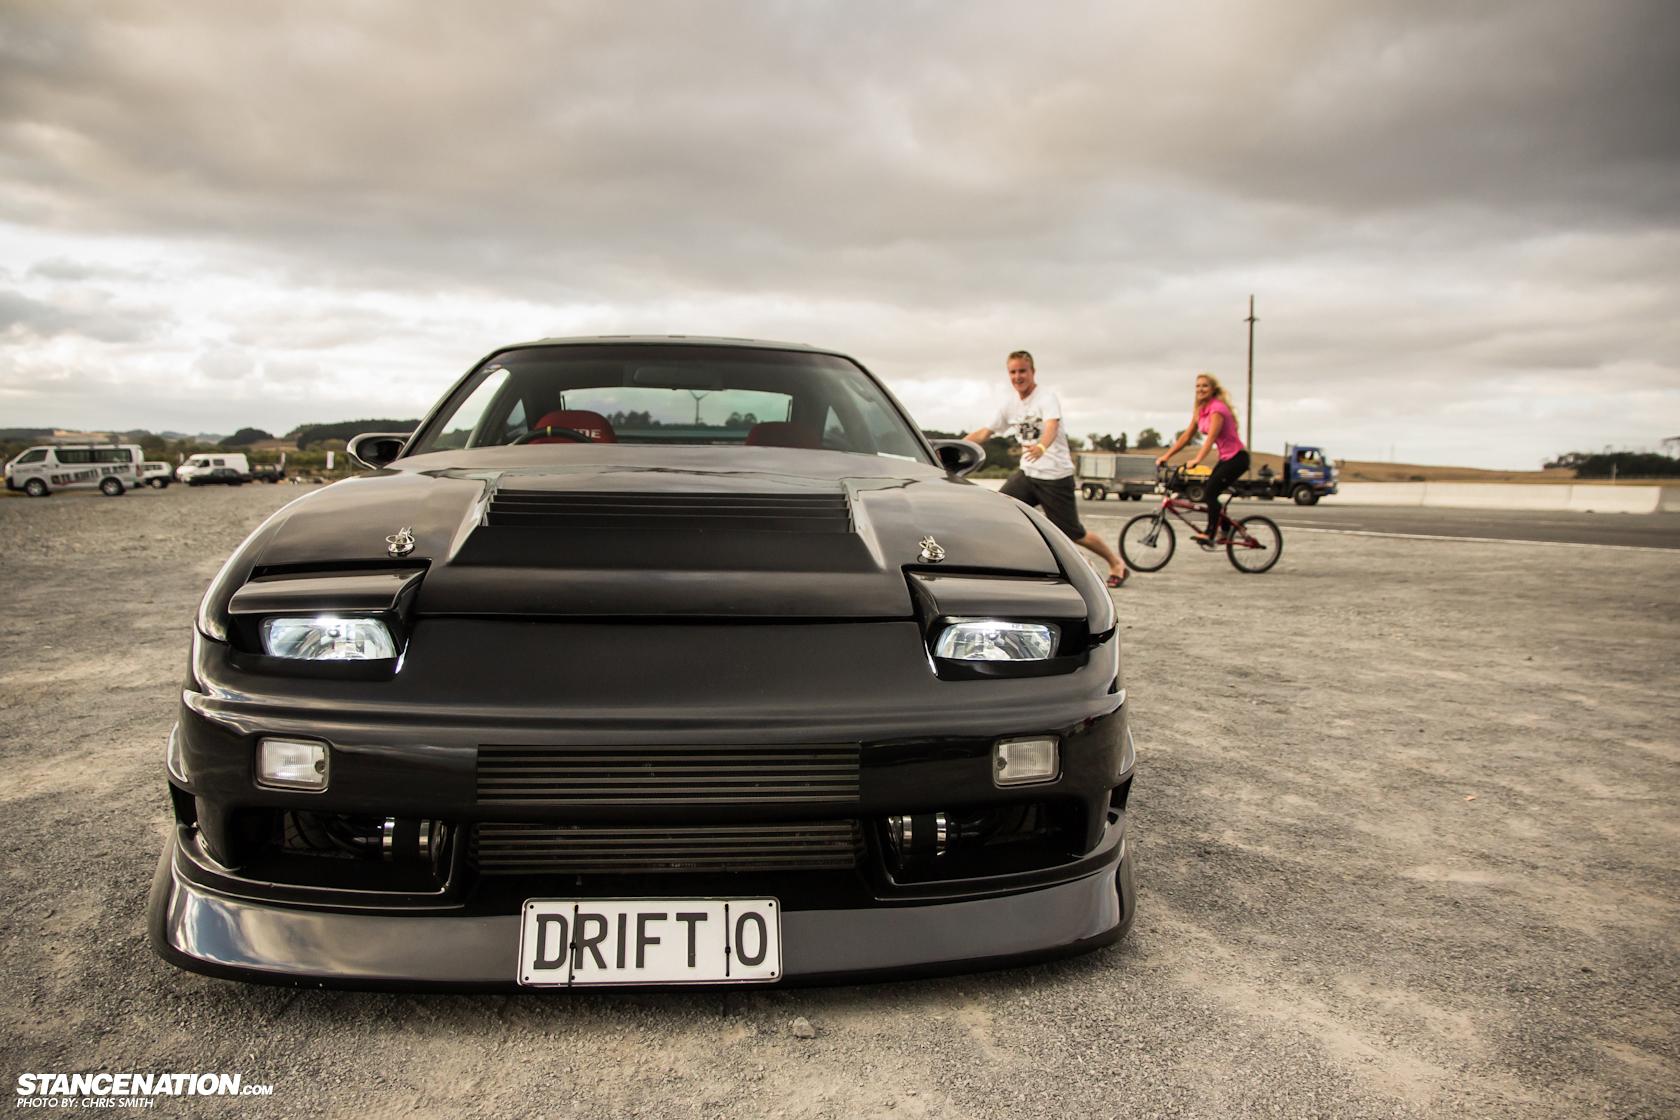 Drfit Stance Nissan 180 (3)